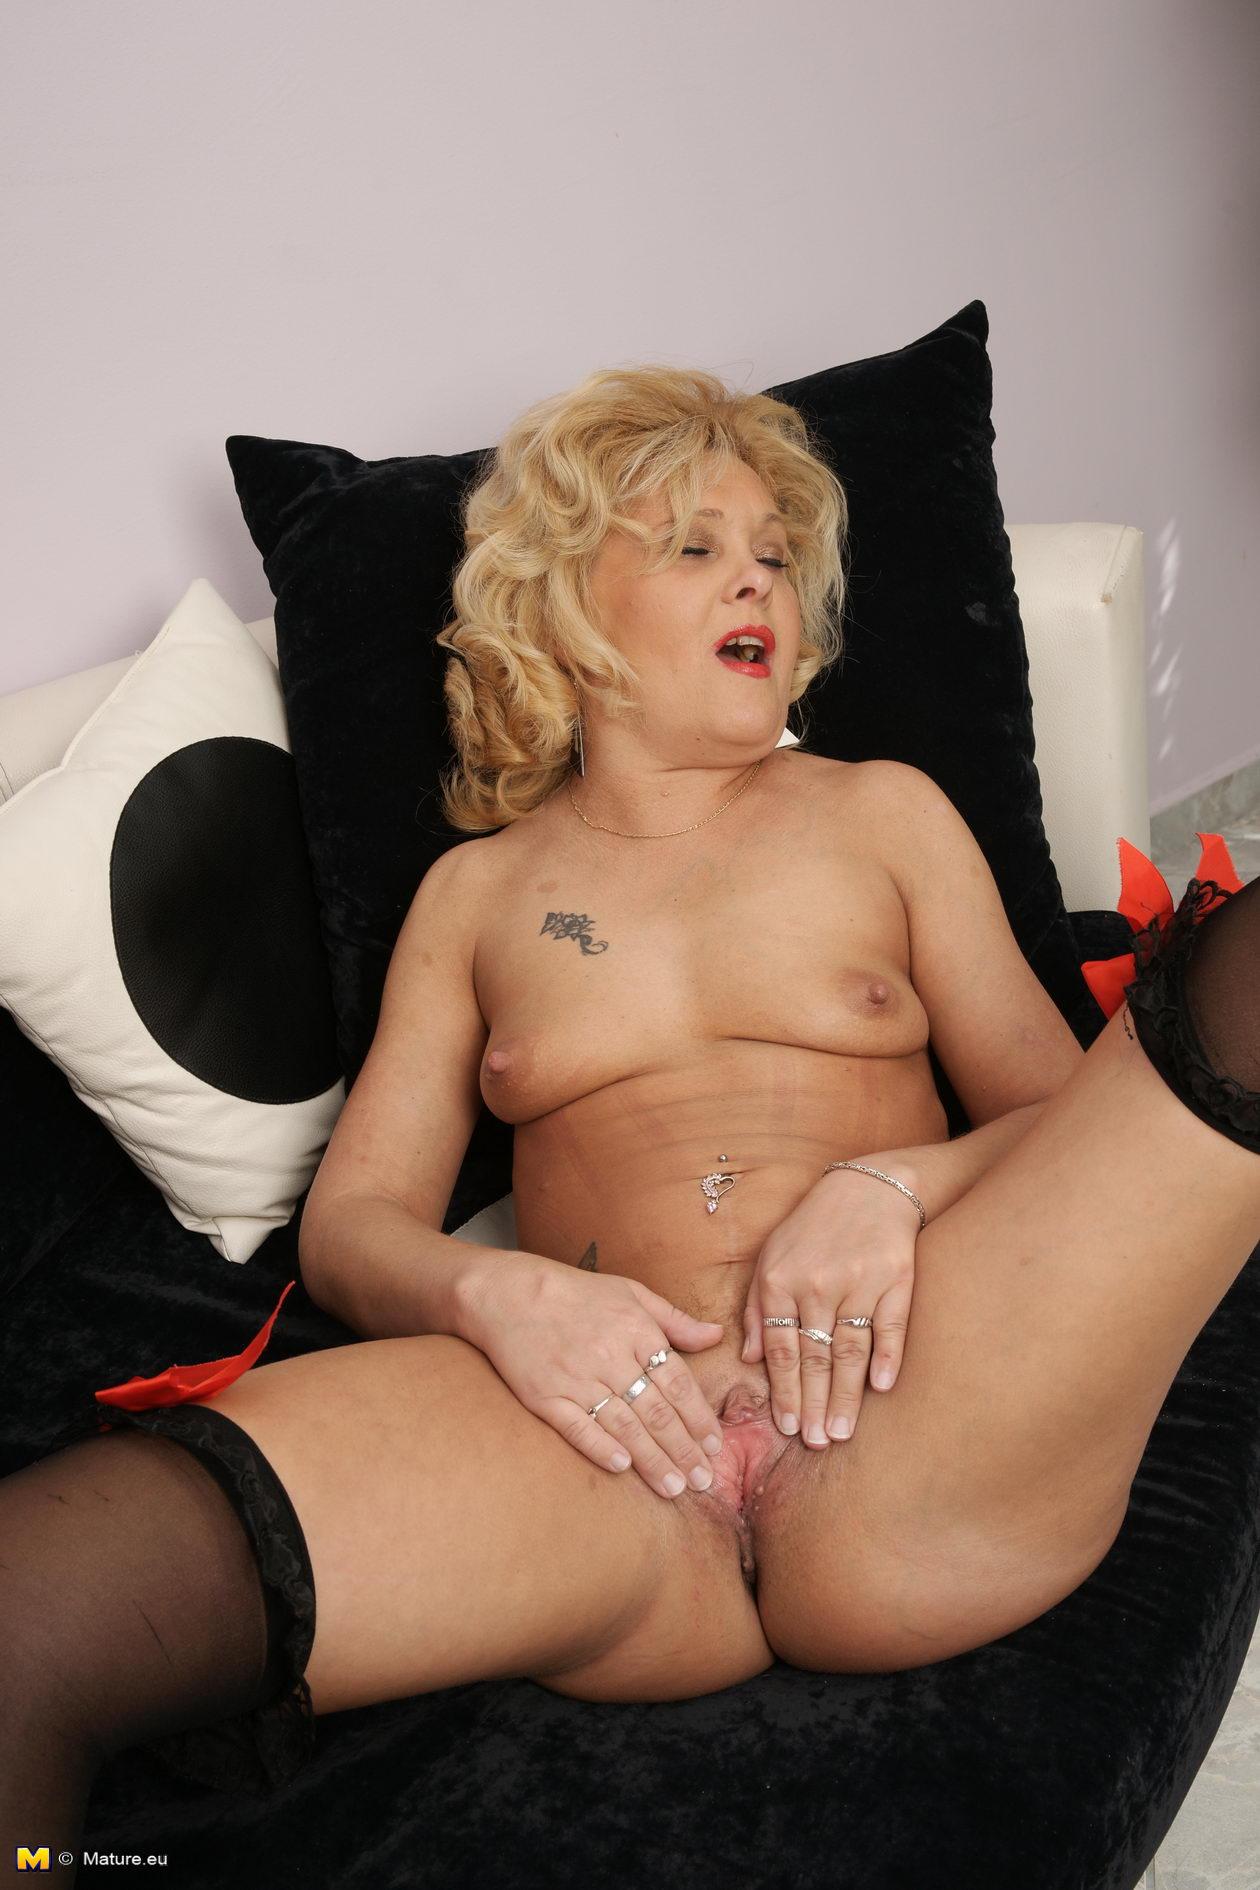 Бесплатные порно фото блондинок